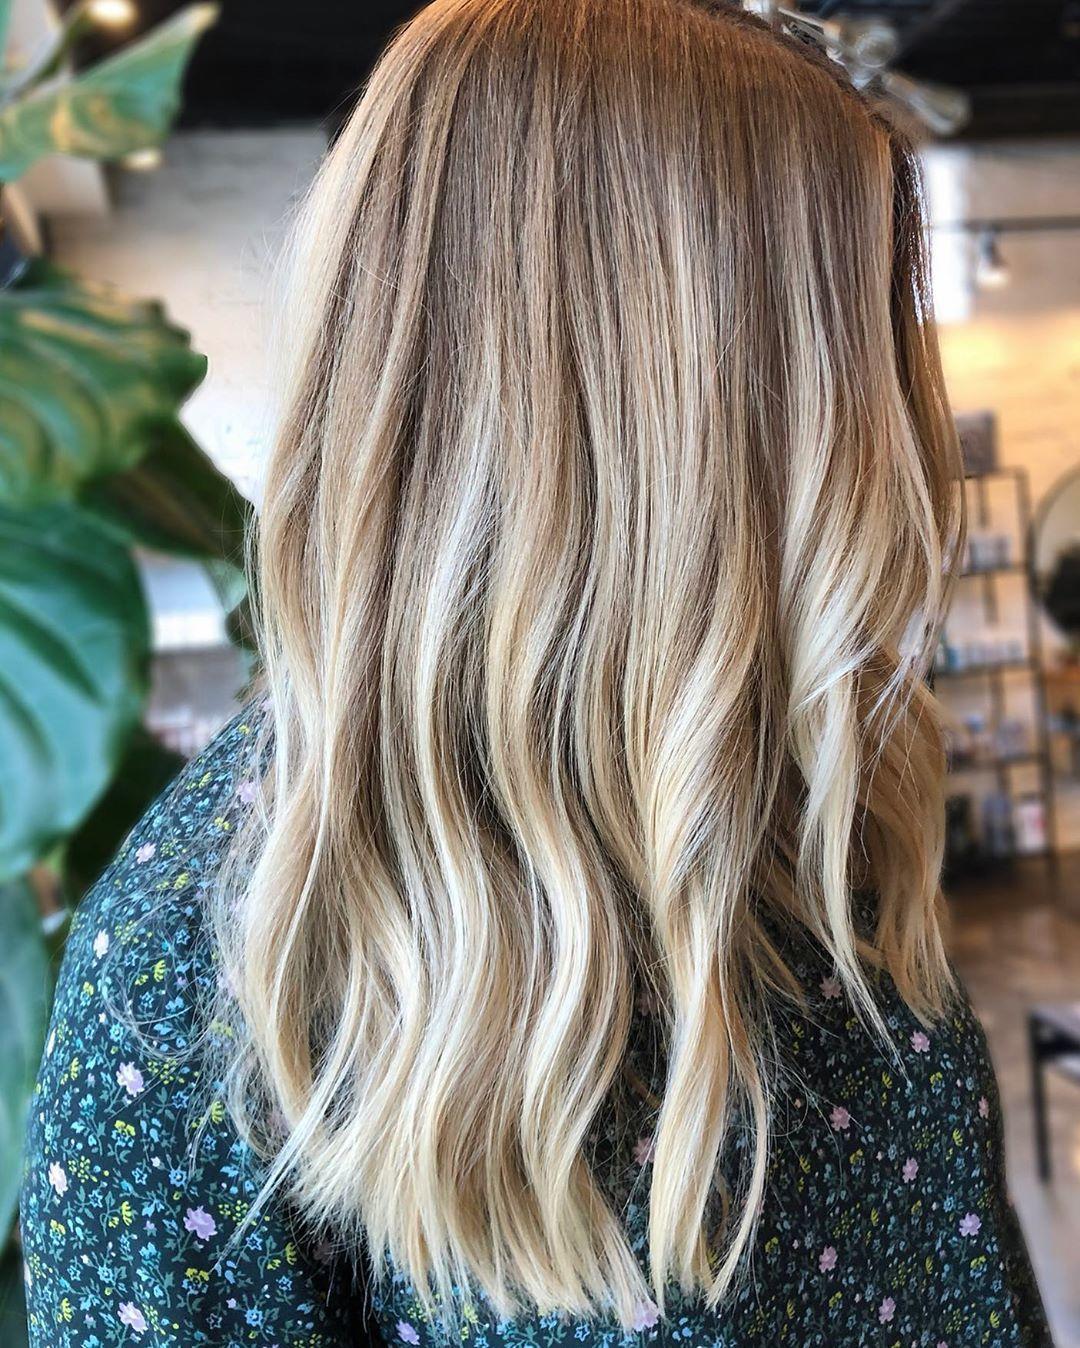 Femme avec des cheveux mi-longs ondulés blond miel avec des mèches blond clair.